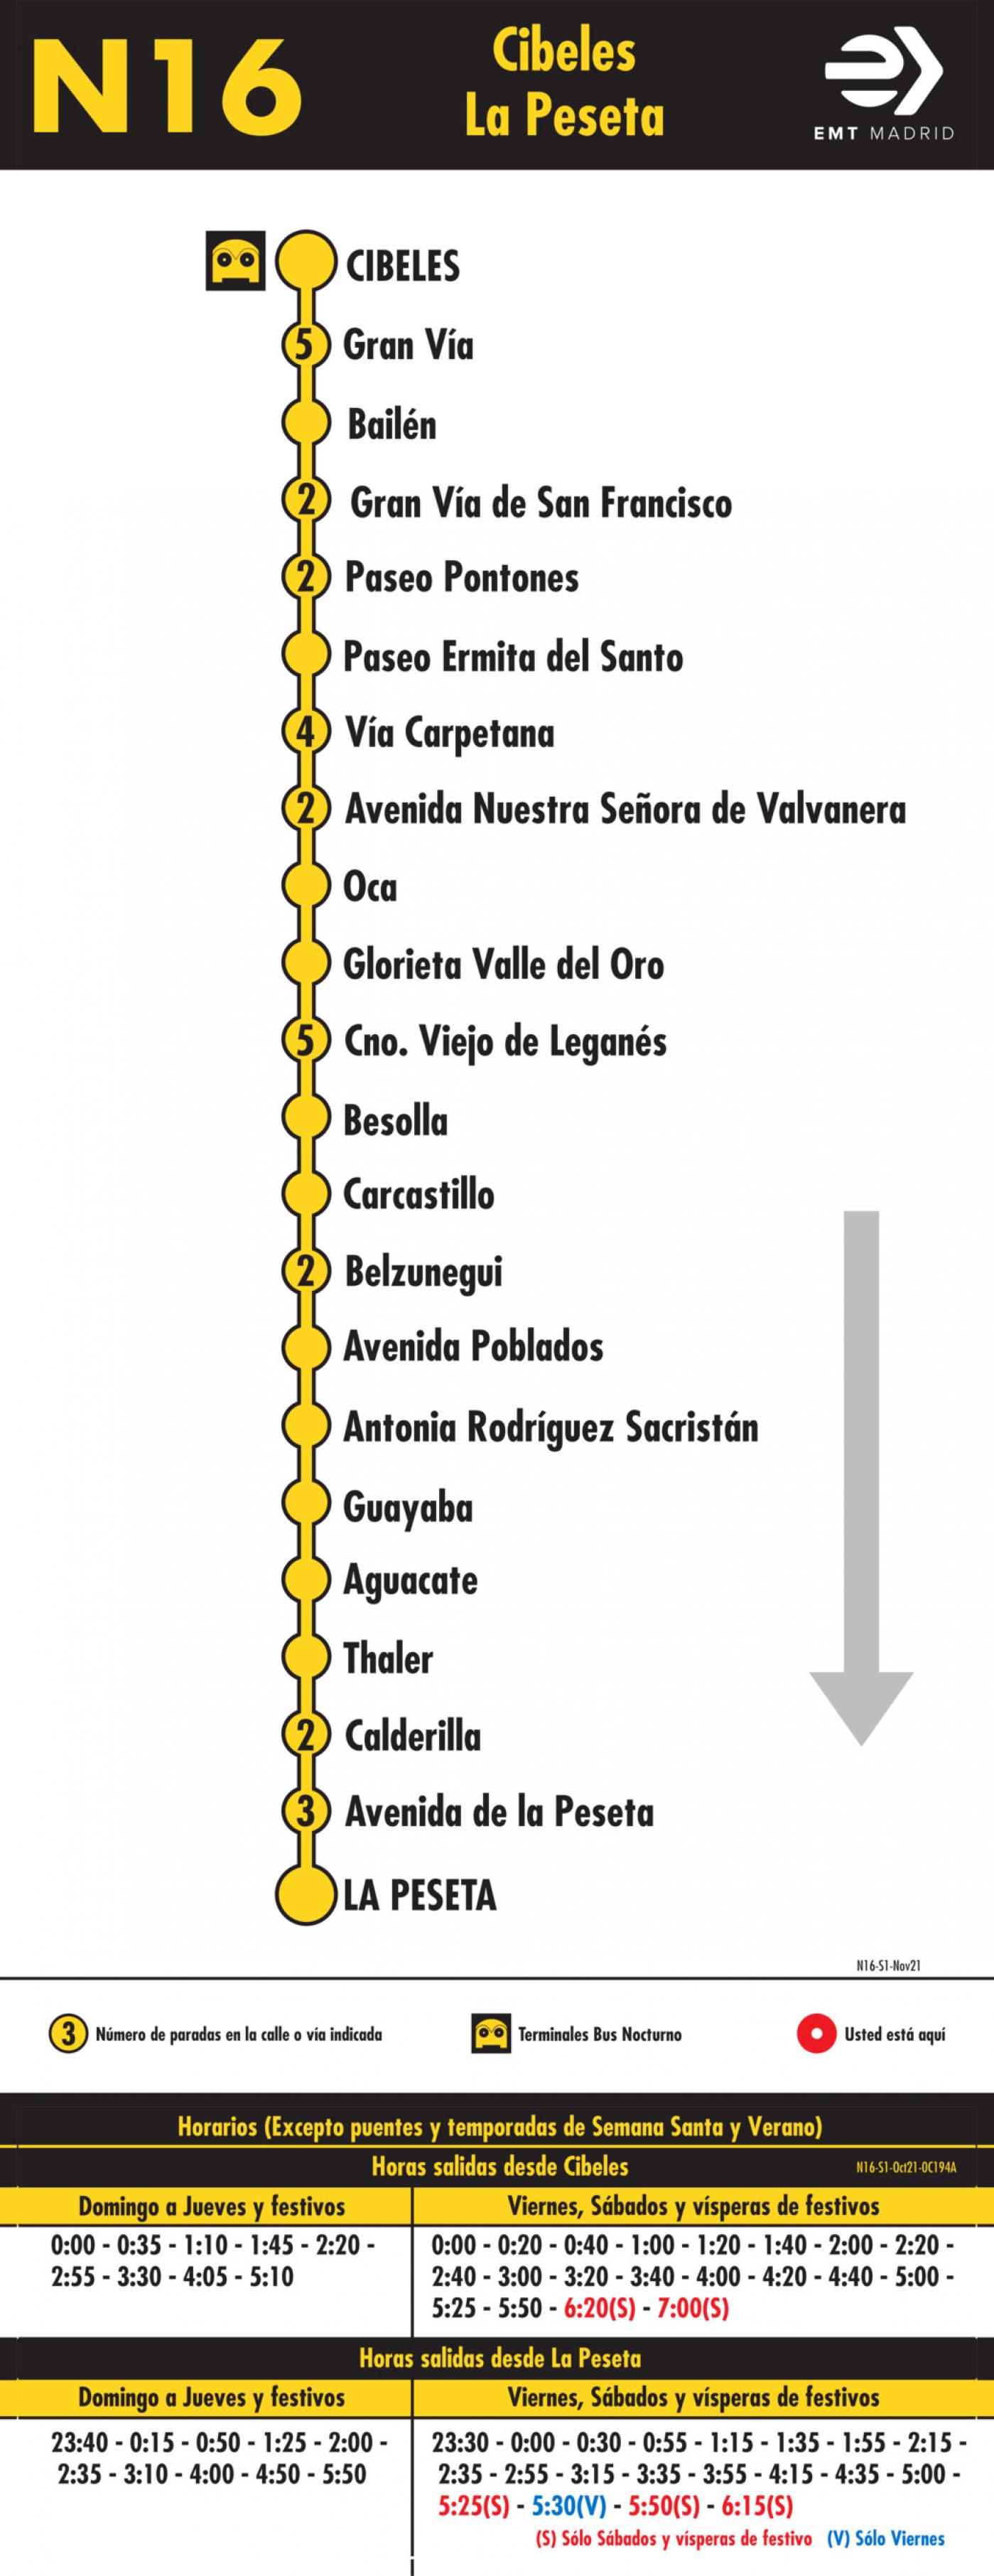 Tabla de horarios y frecuencias de paso en sentido ida Línea N16: Plaza de Cibeles - Avenida de la Peseta (búho)